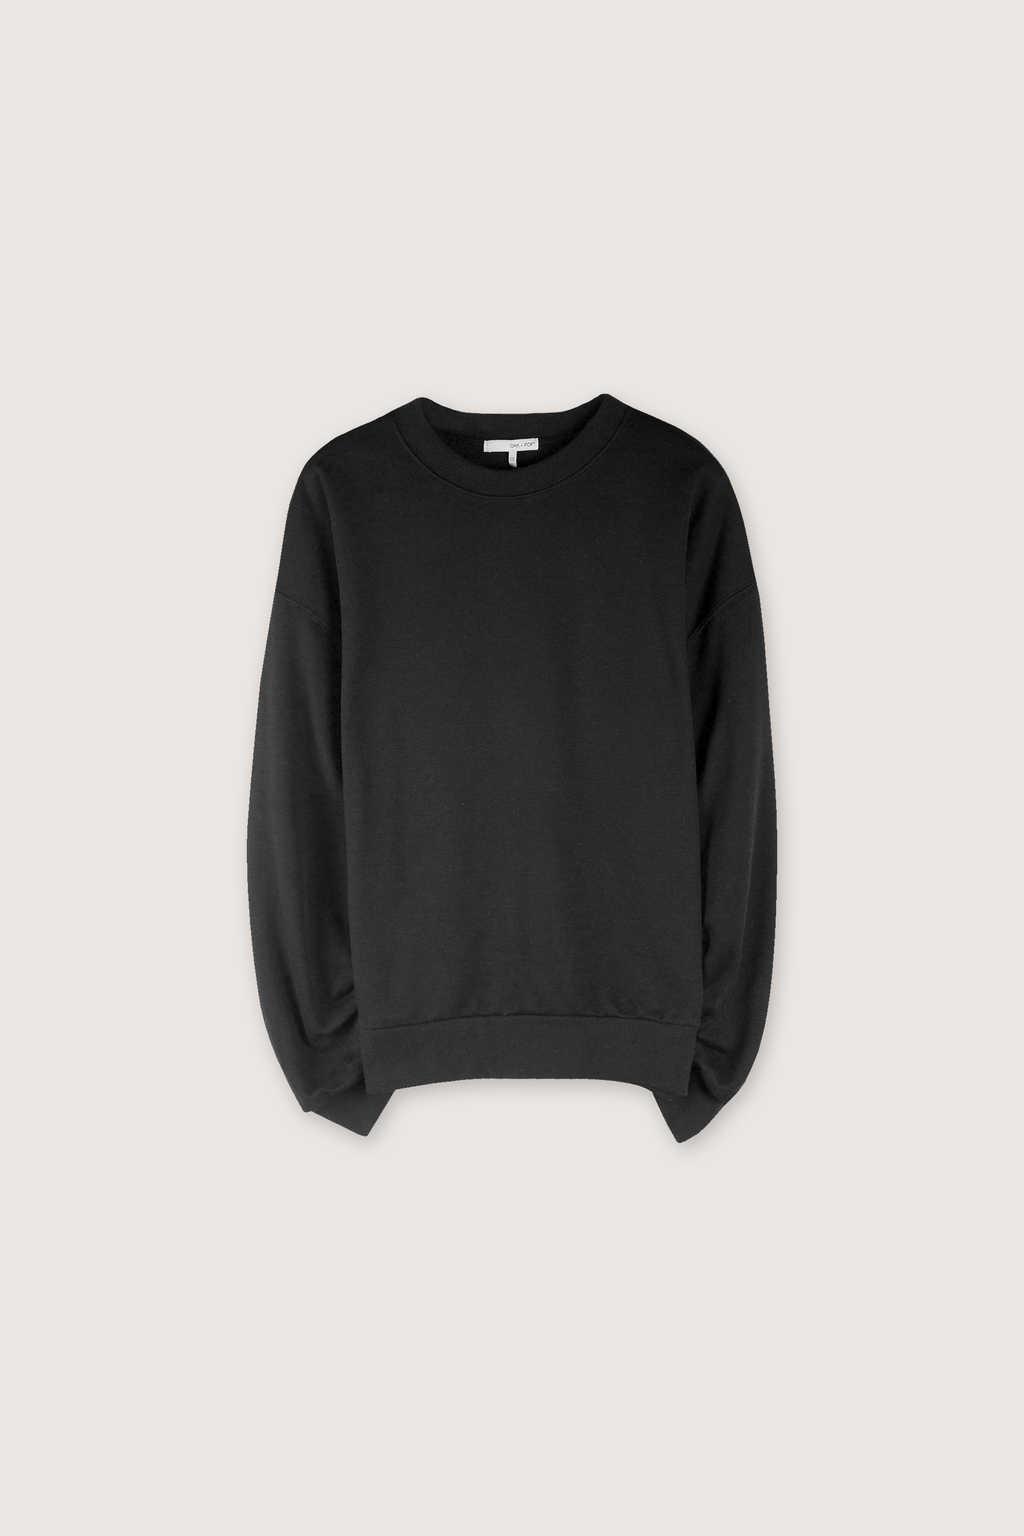 TShirt H462 Black 7